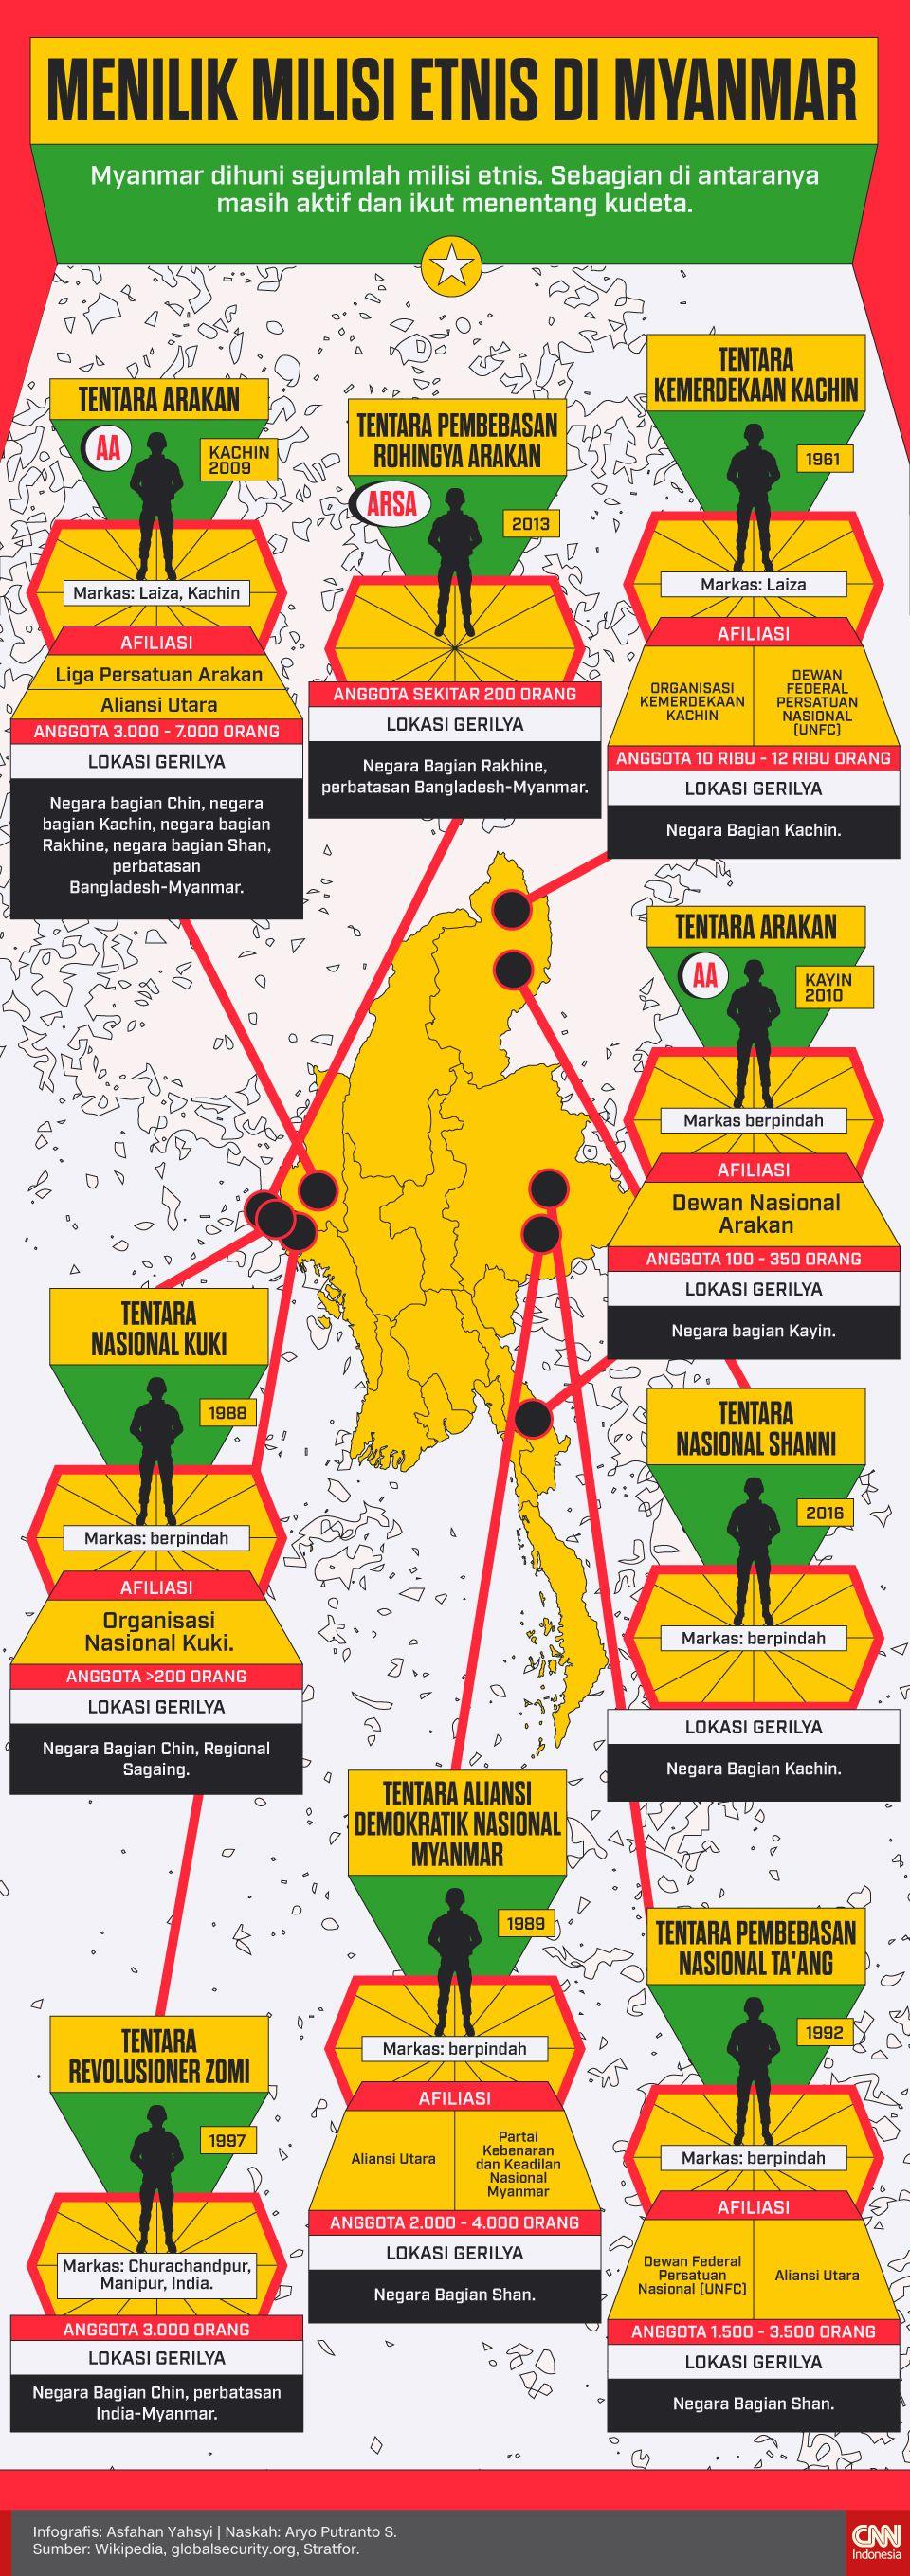 Infografis Menilik Milisi Etnis di Myanmar rev